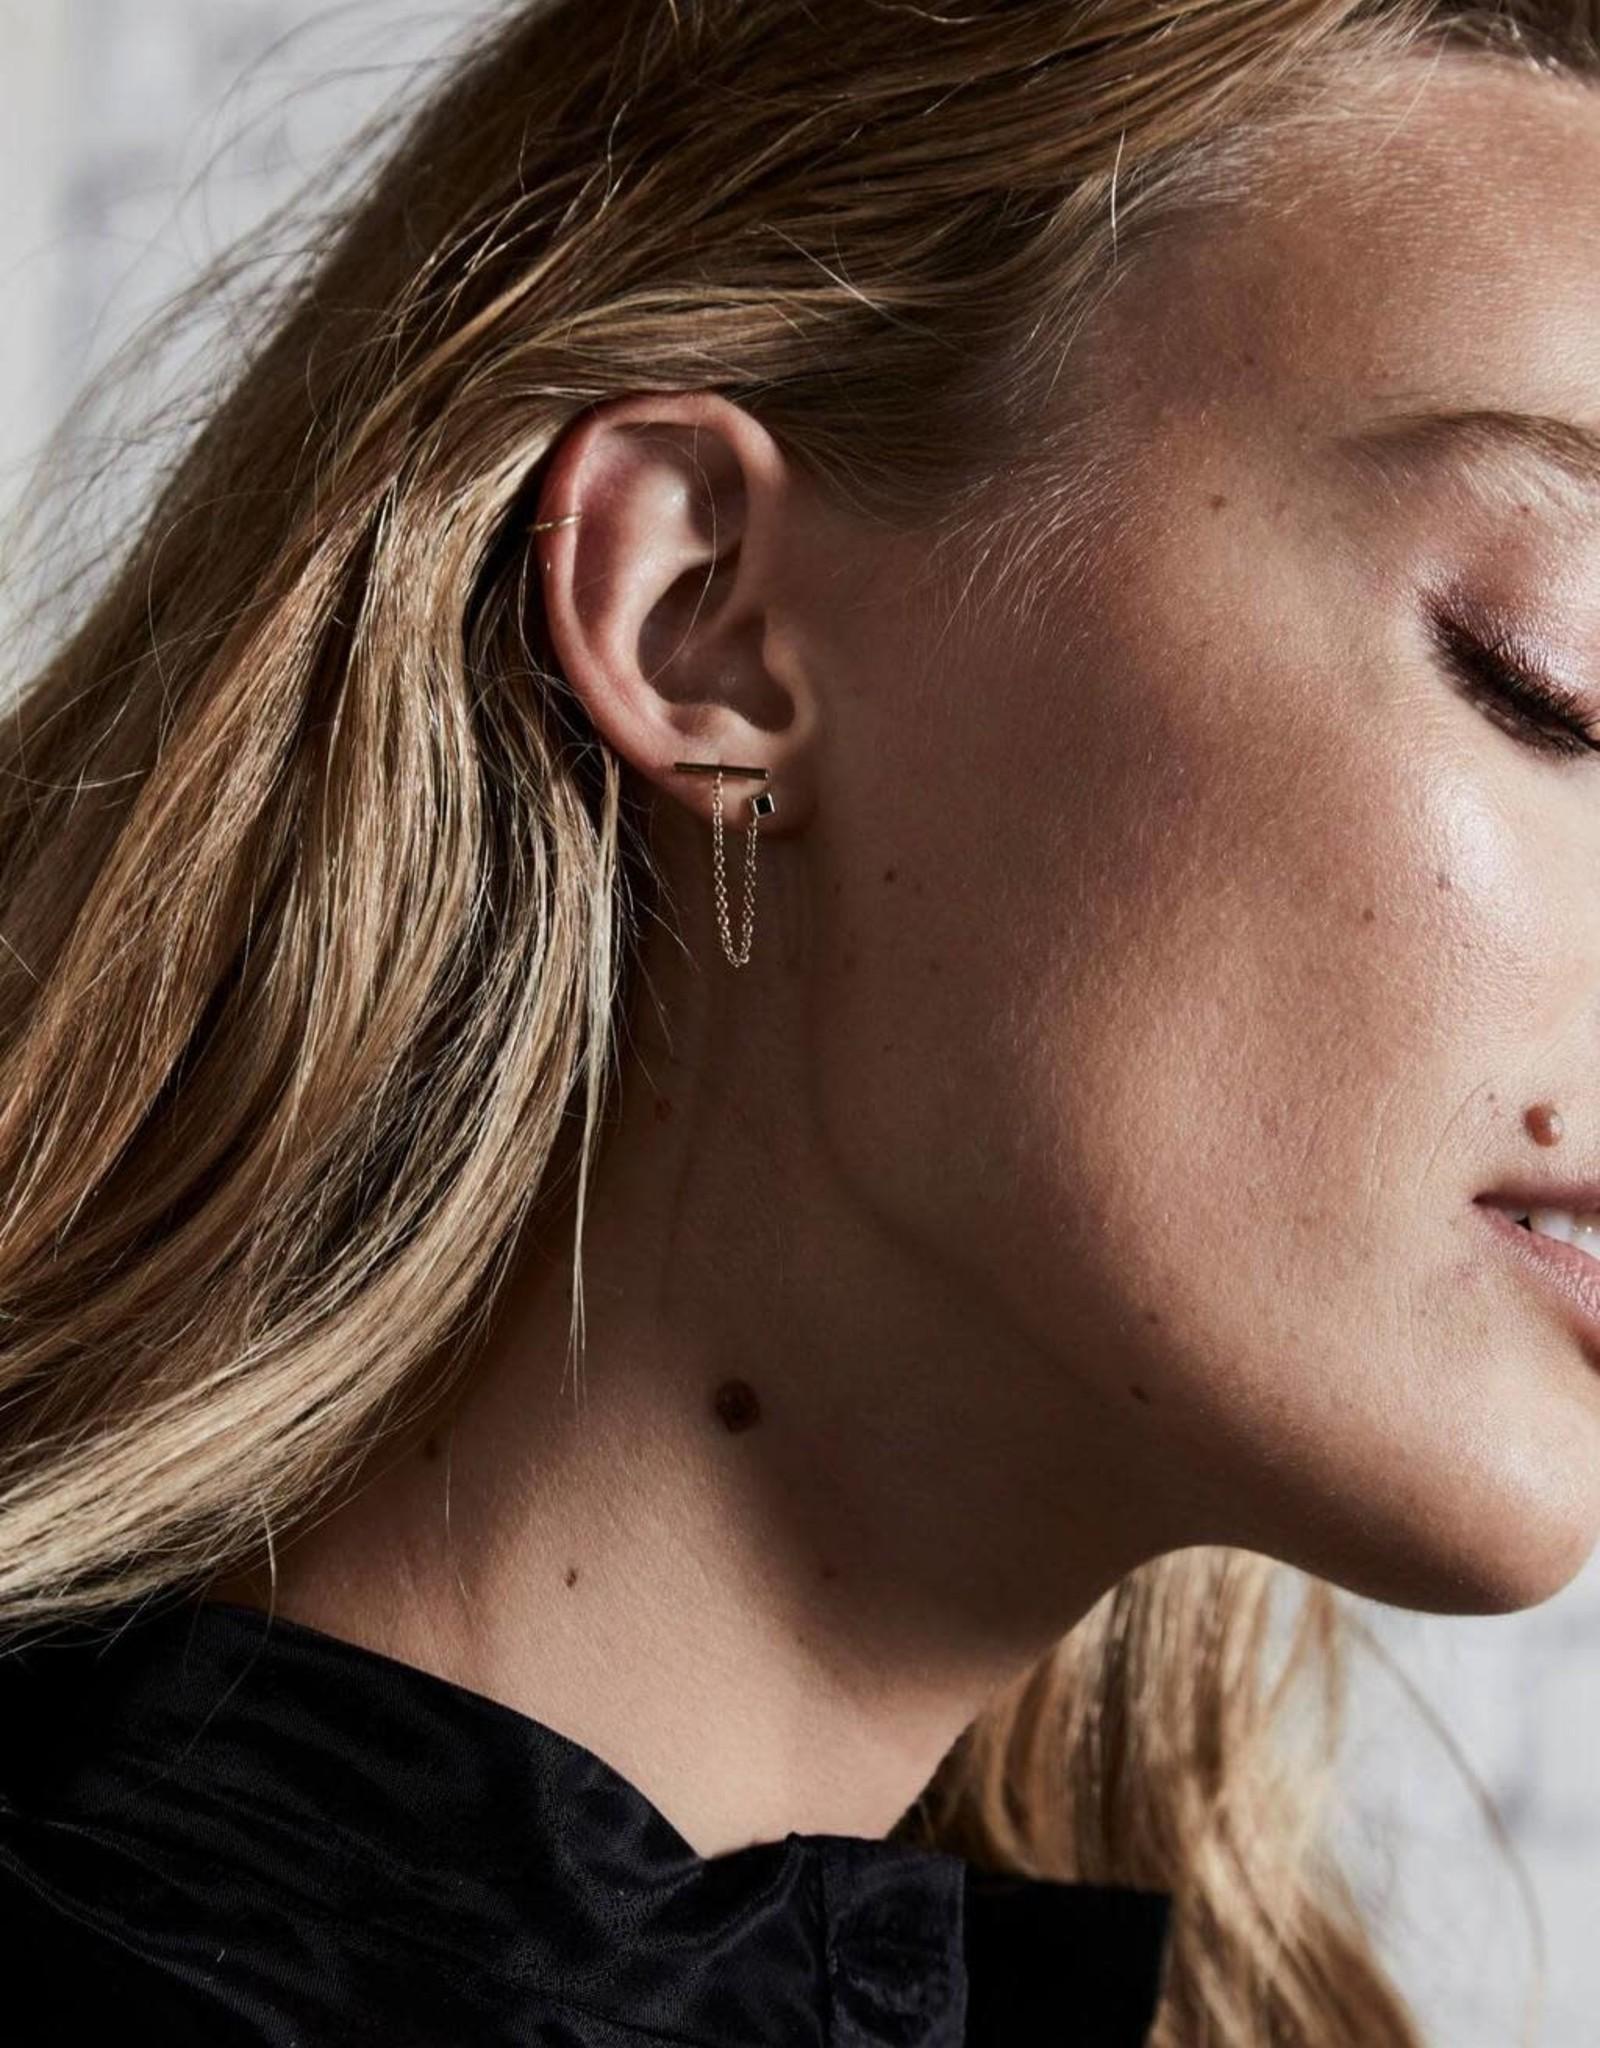 Rosefield Bloucle d'oreilles - Iggy - Chaîne & pierre noire